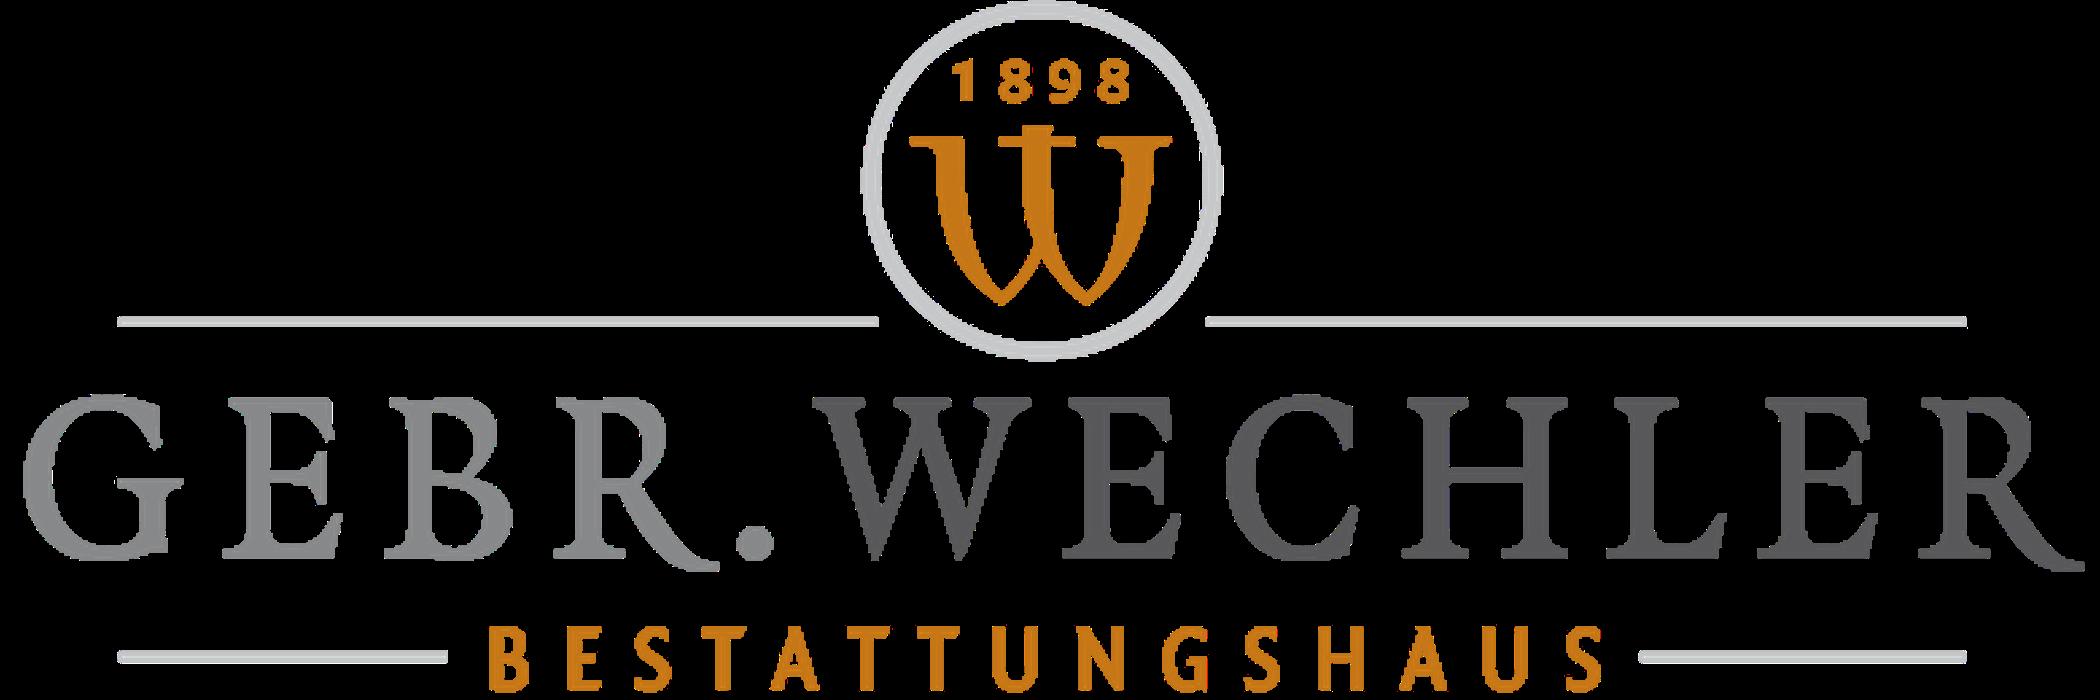 Bild zu Bestattungshaus Gebr. Wechler GmbH in Hildesheim